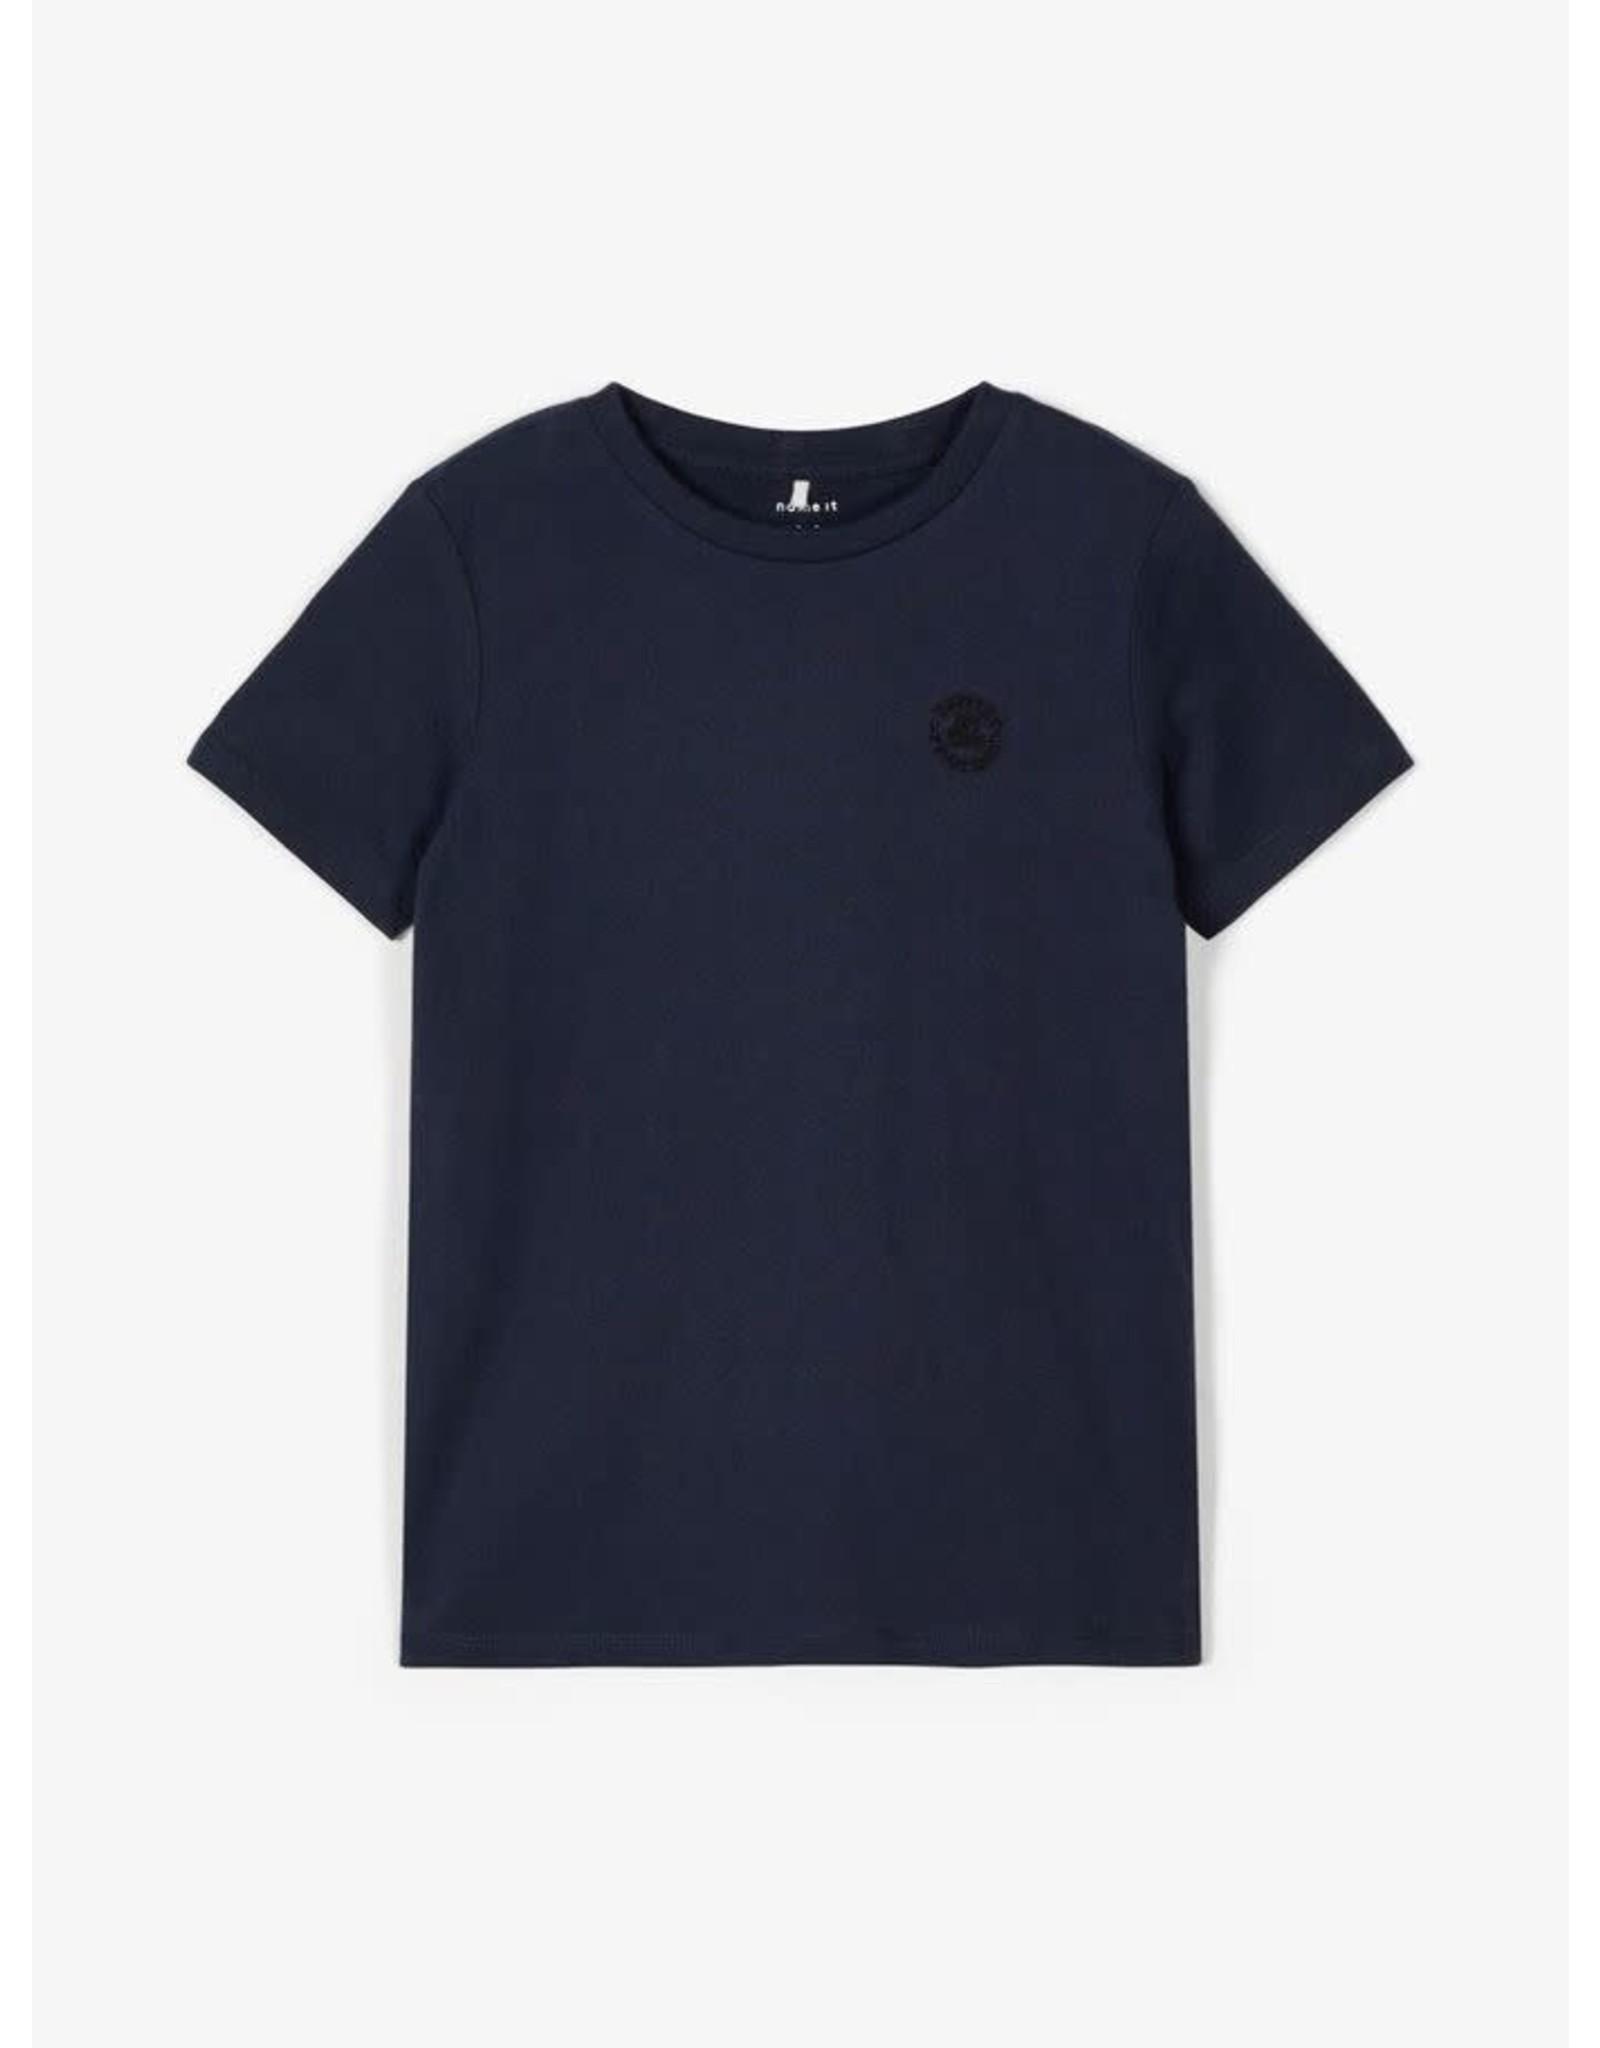 Name It Basis donkerblauwe t-shirt